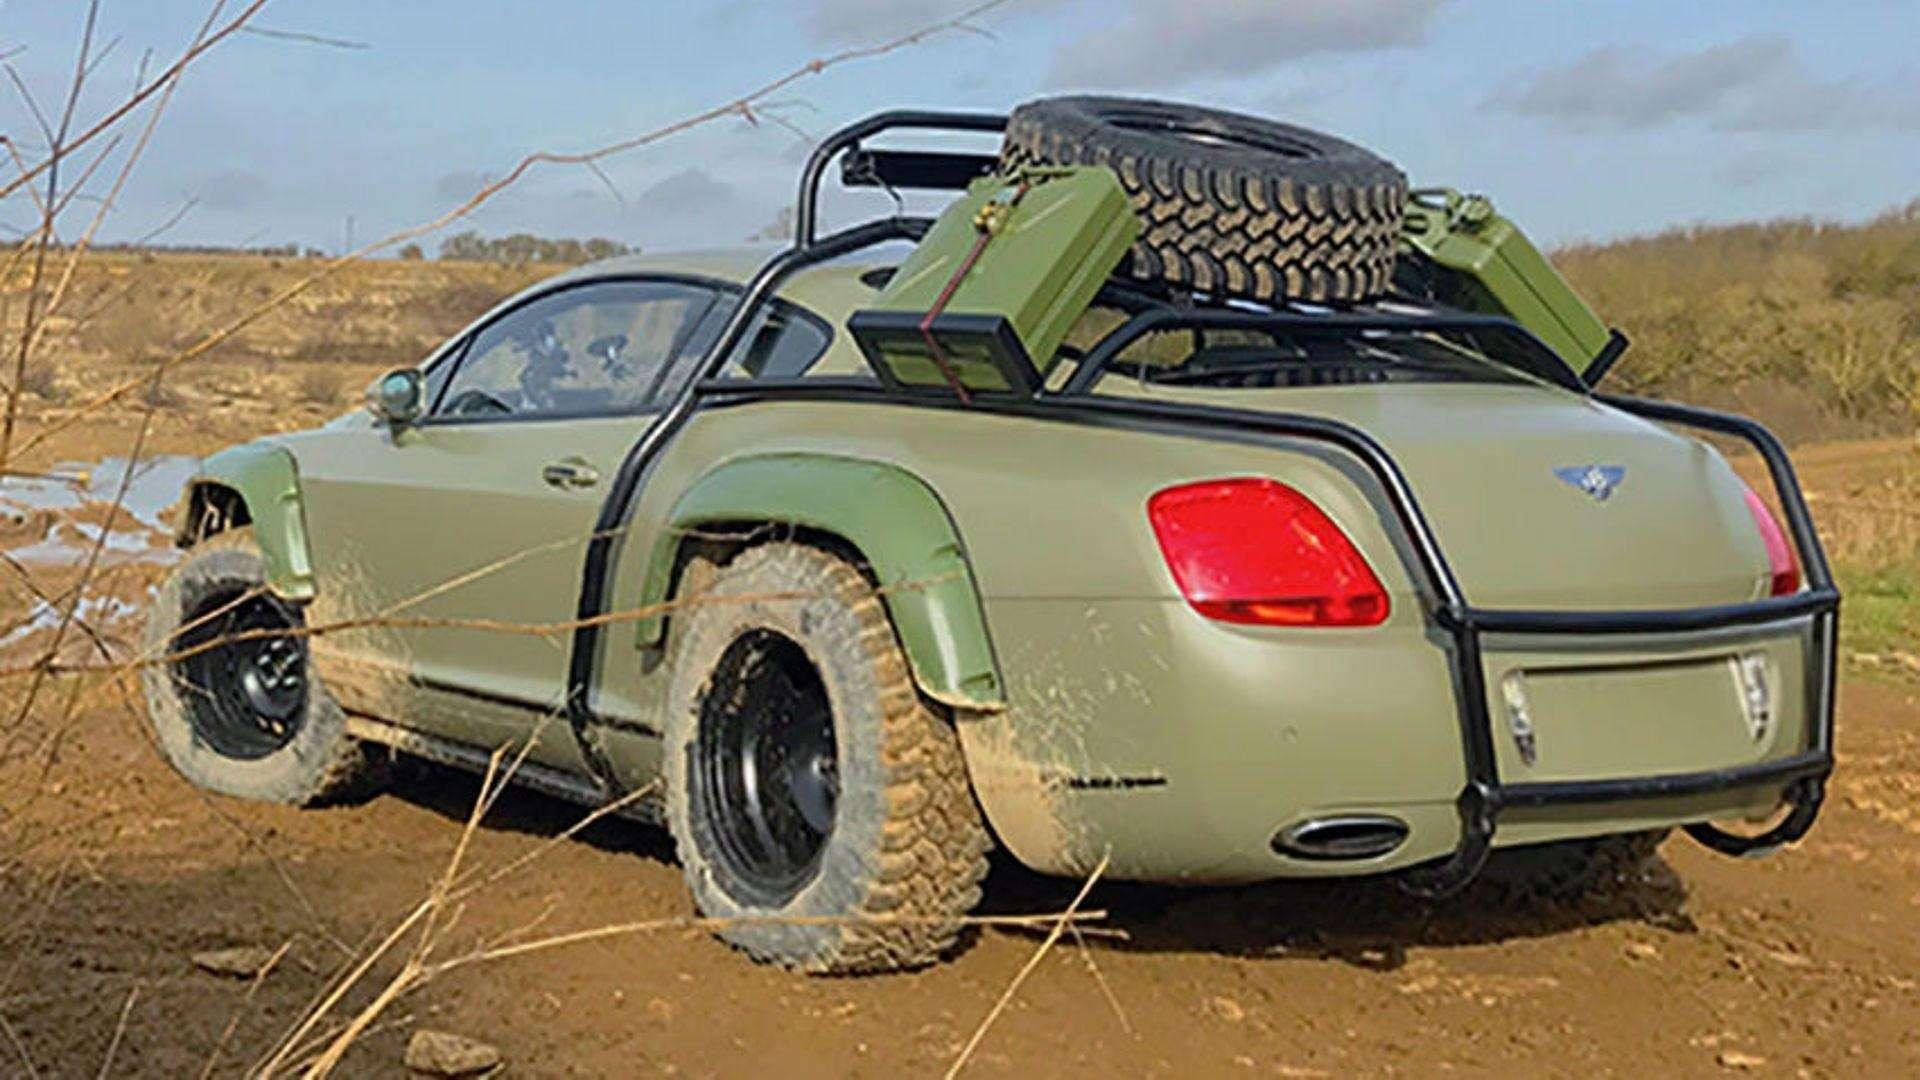 ВСети продали купе Bentley Continental GT, подготовленное дляапокалипсиса